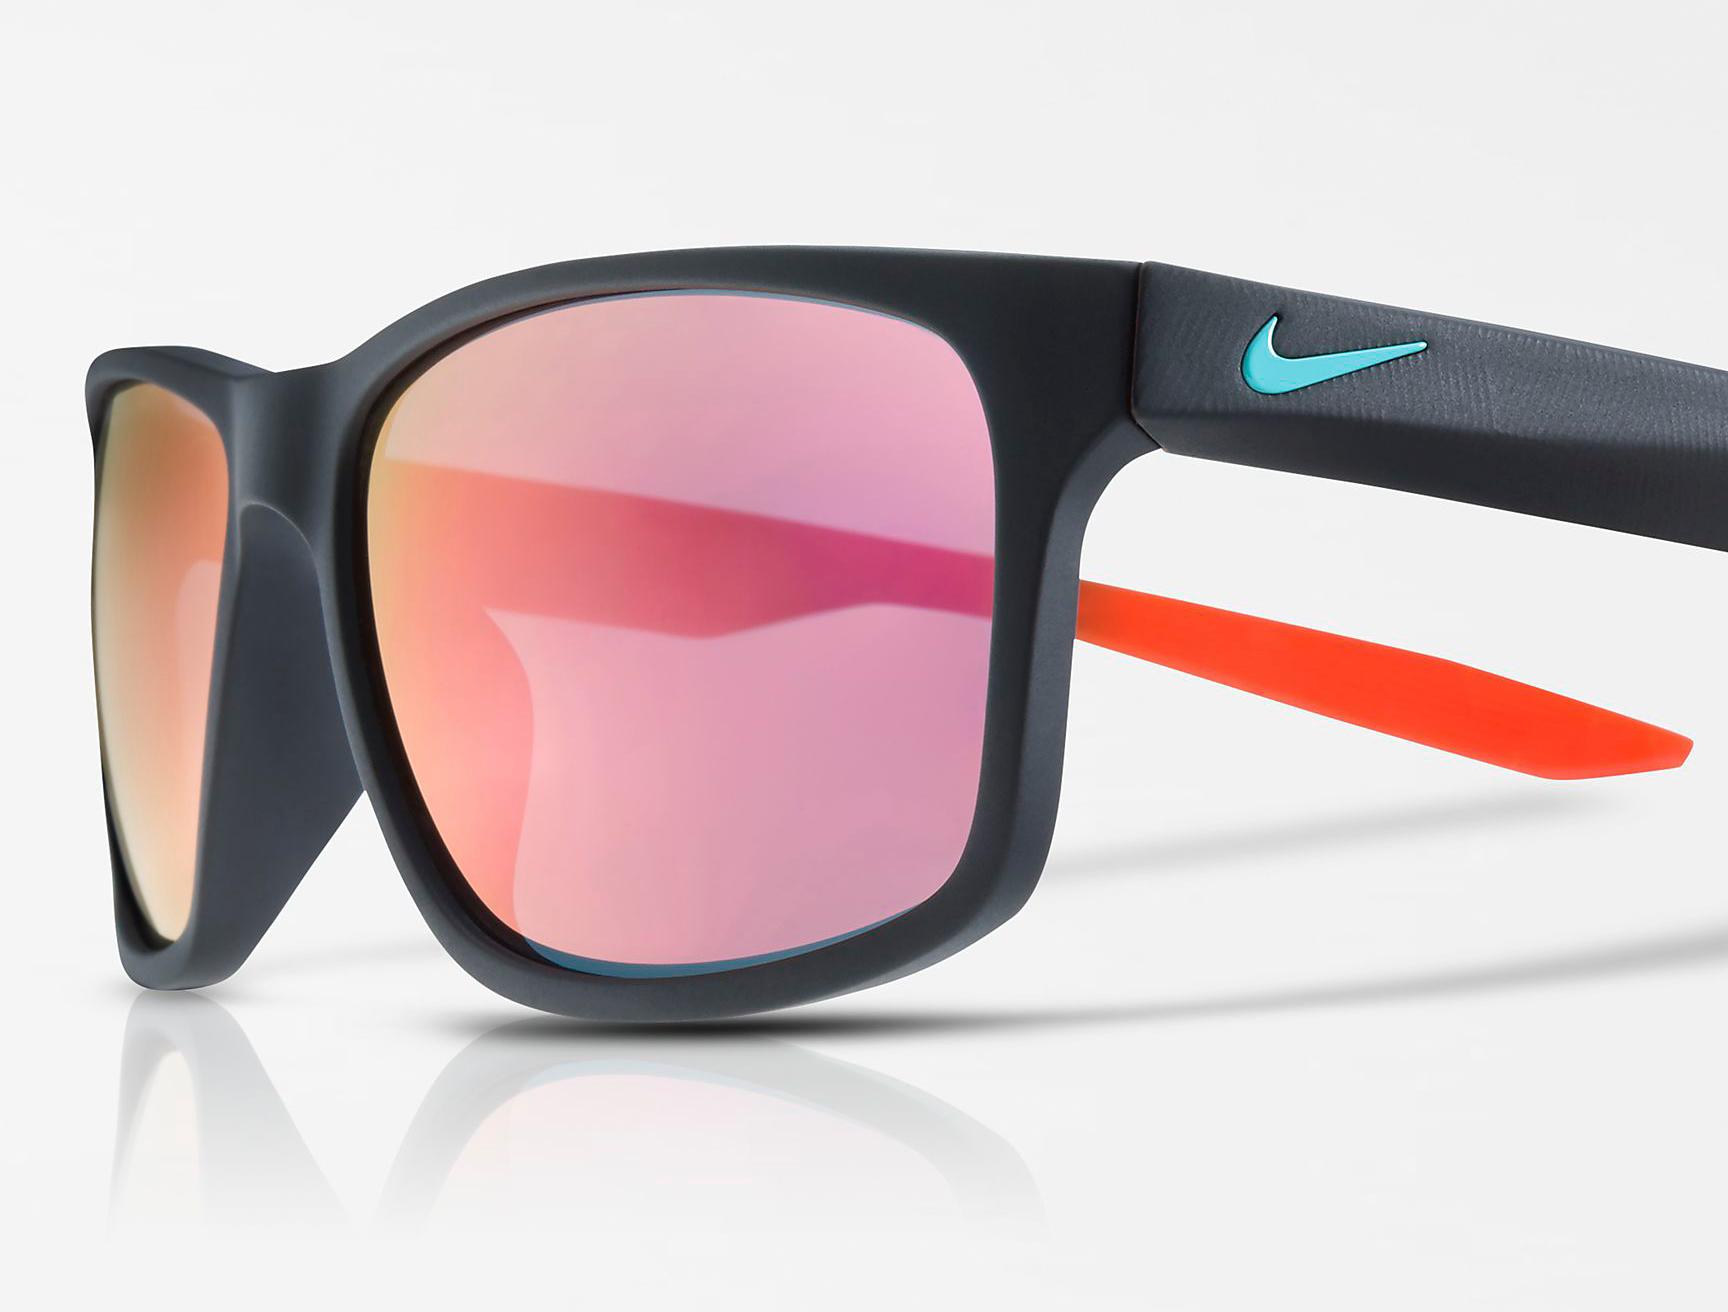 nike-air-max-97-south-beach-sunglasses-match-3